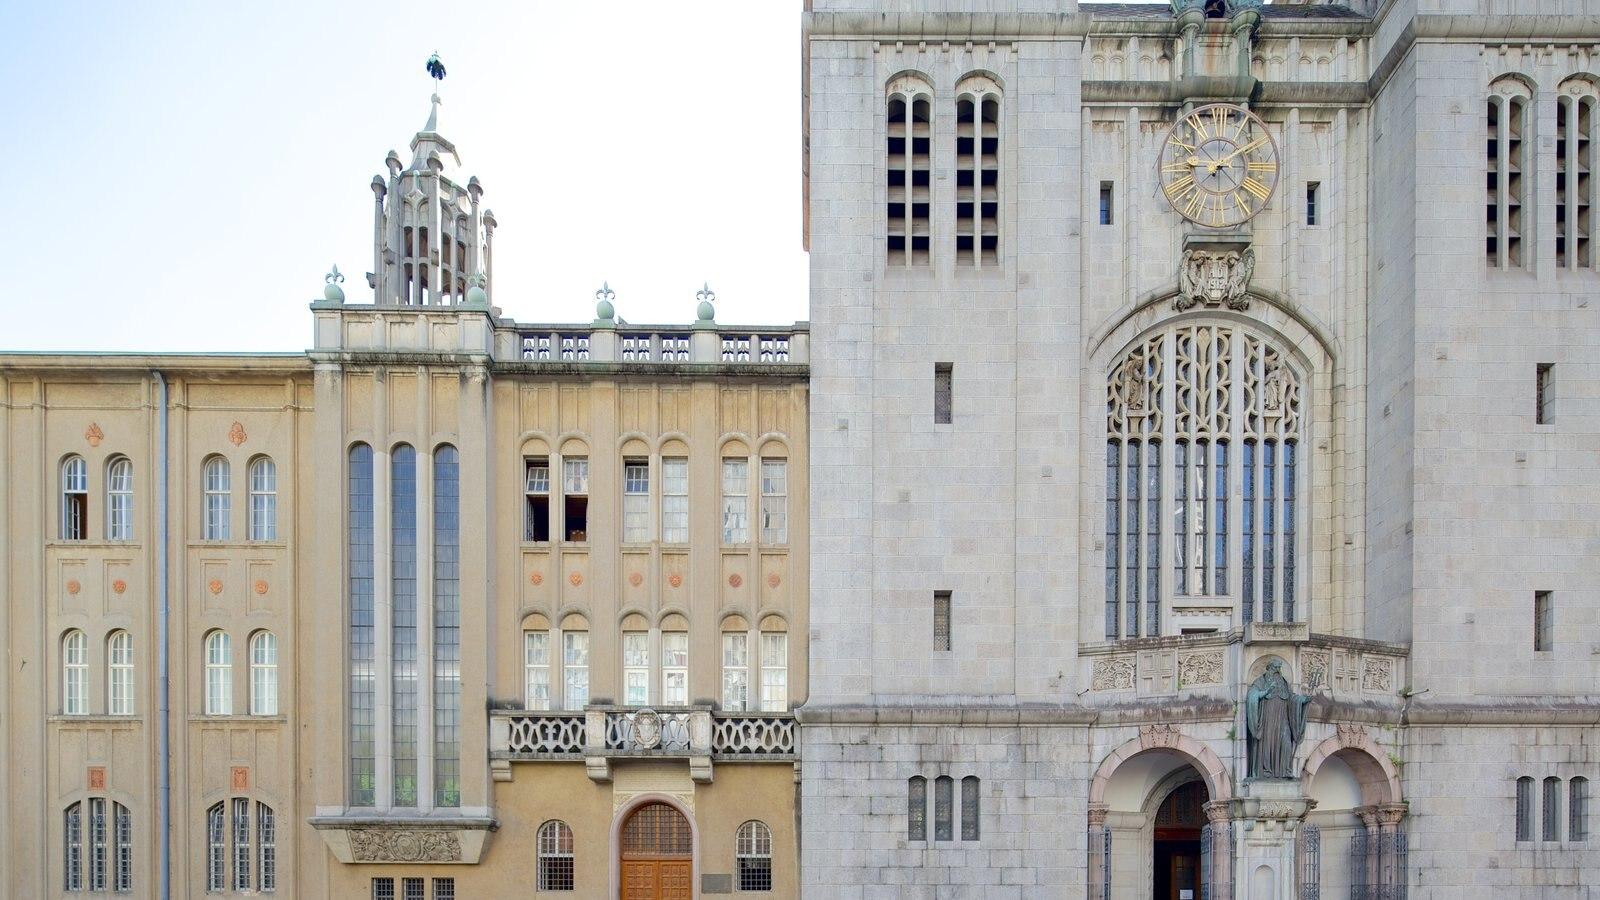 Mosteiro de São Bento que inclui arquitetura de patrimônio, elementos religiosos e uma igreja ou catedral